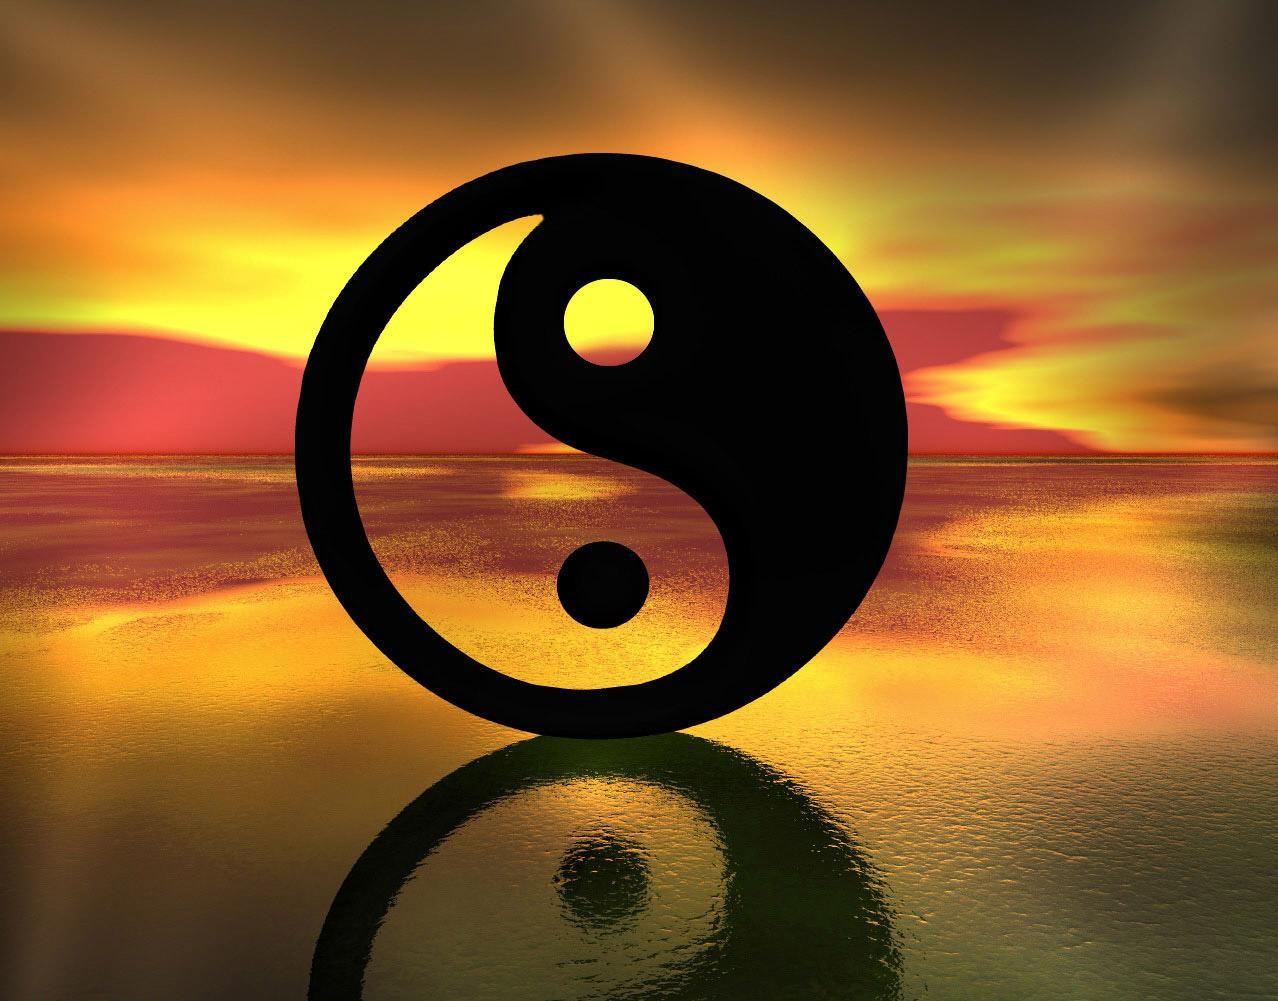 wpnature.com-ocean-ying-yang-sunset-black-live-wallpaper-download.jpg